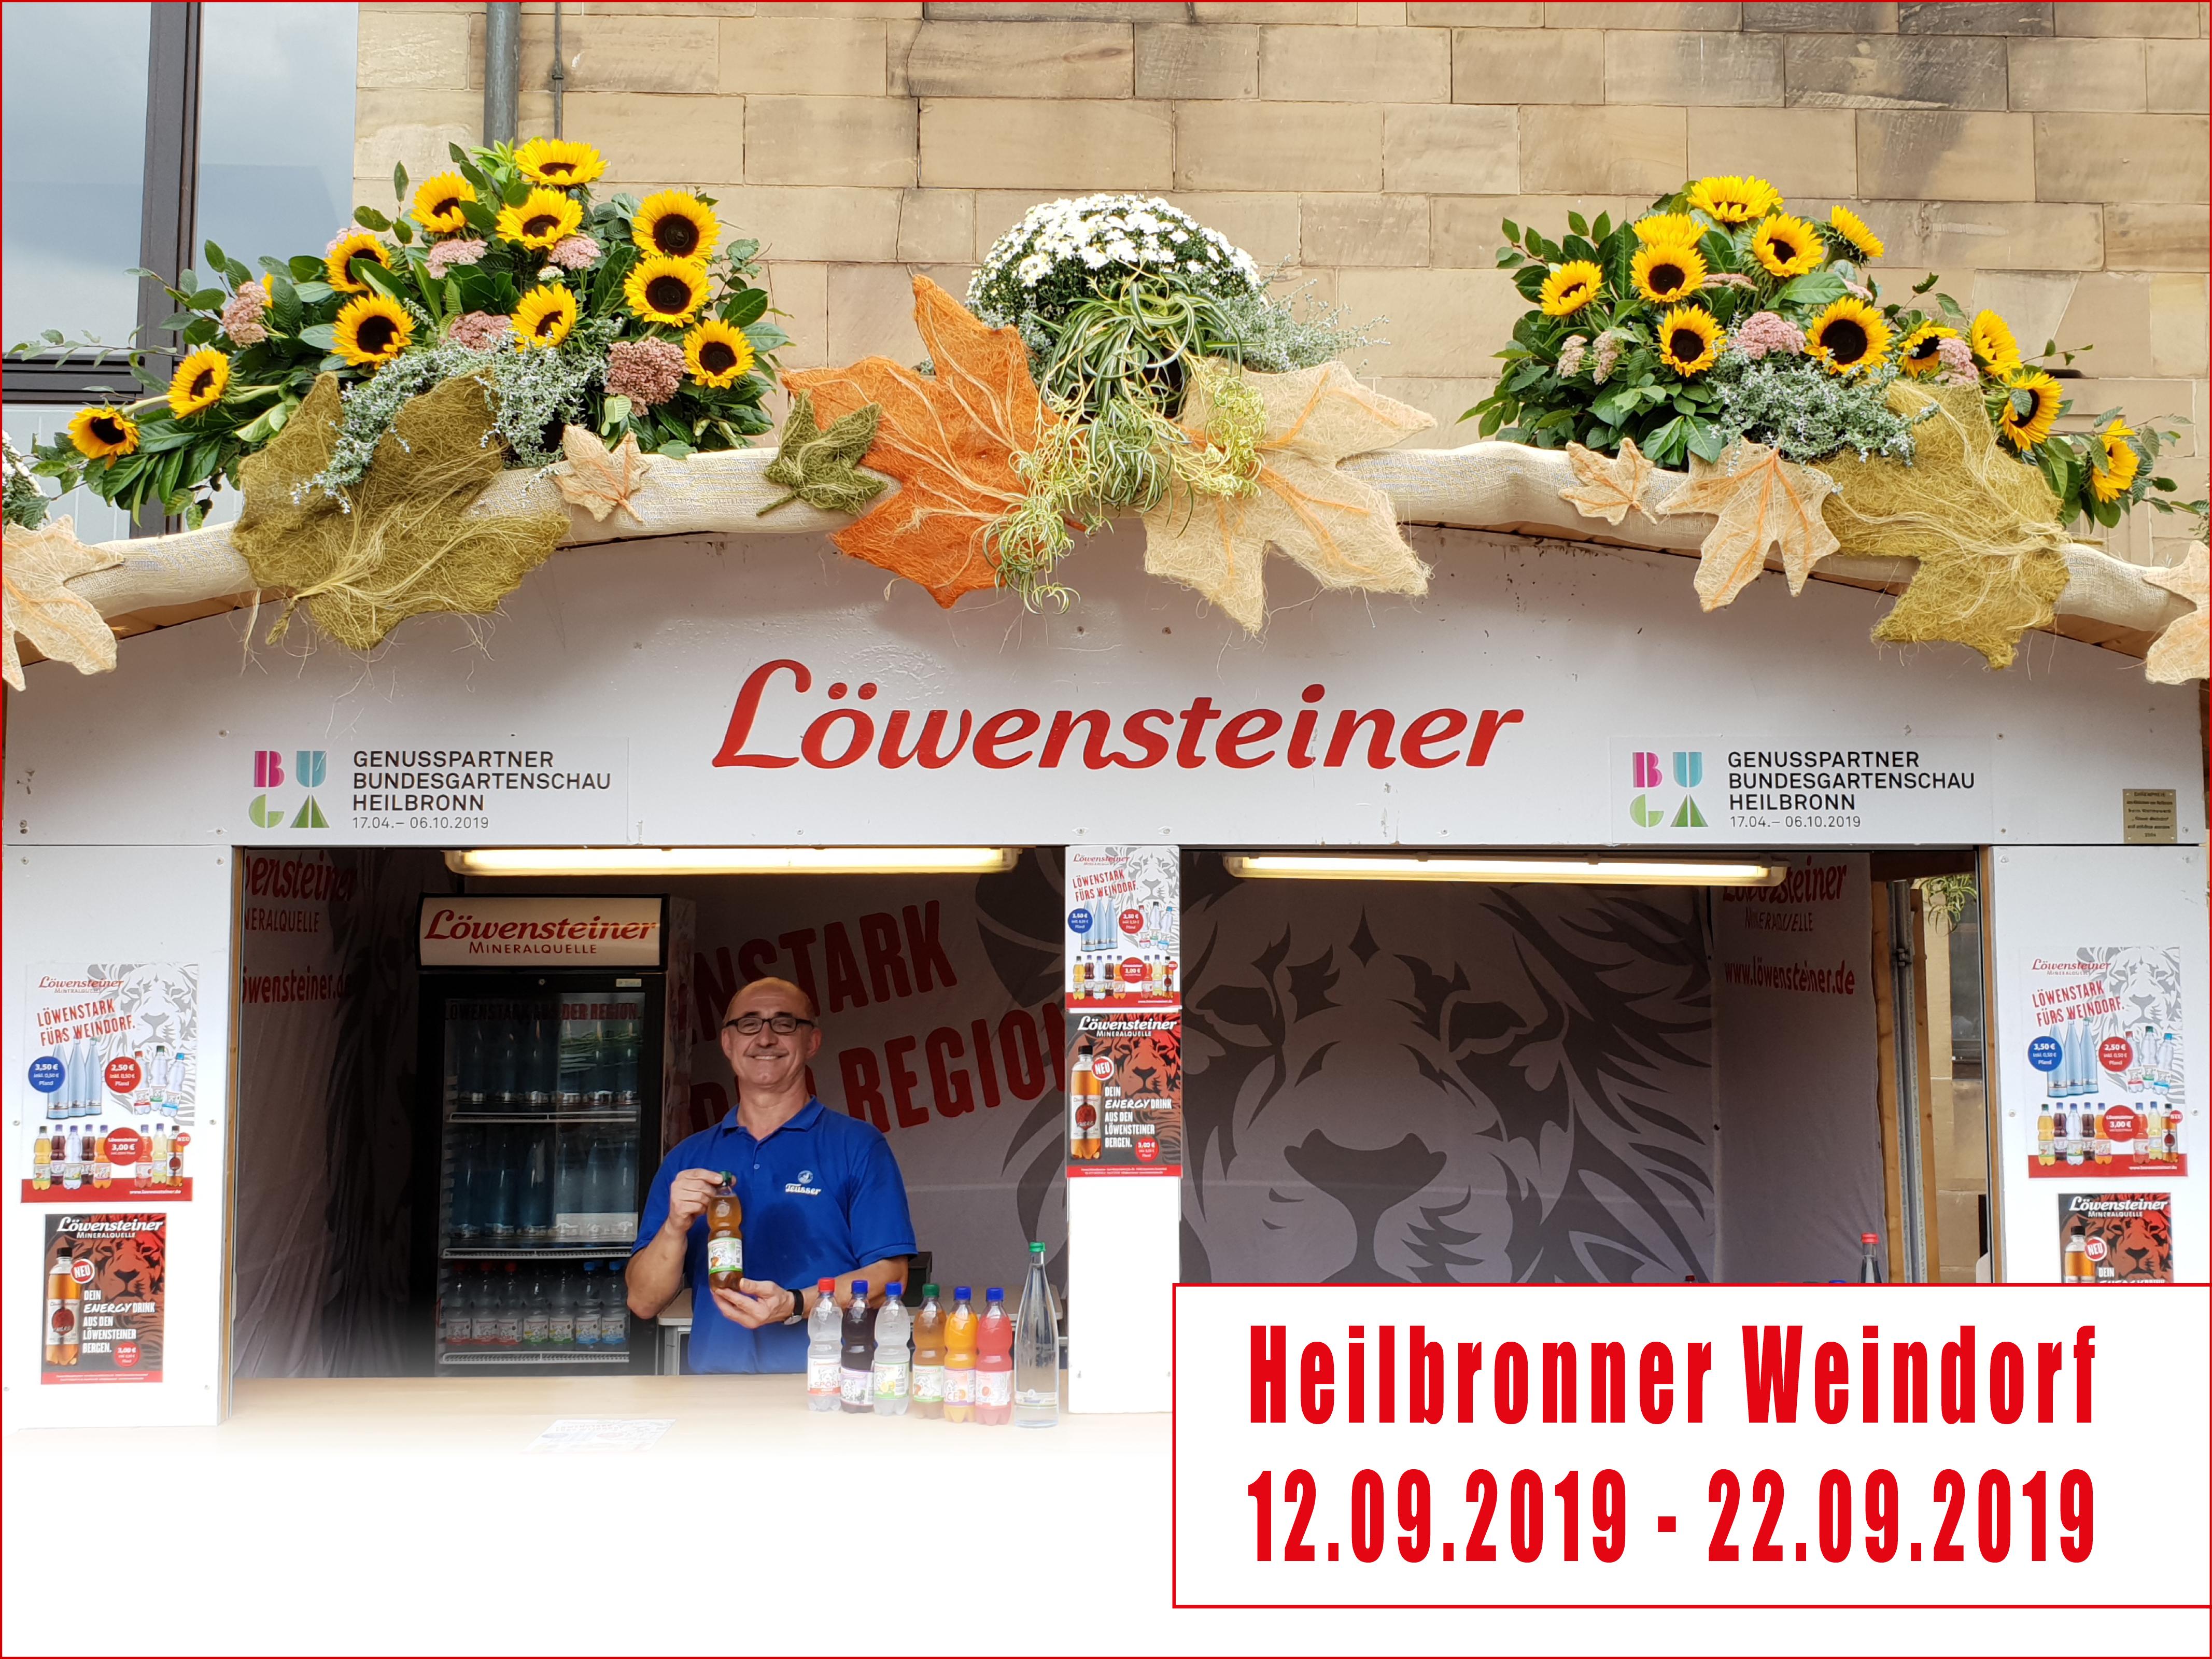 Löwenstarkes Heilbronner Weindorf 2019